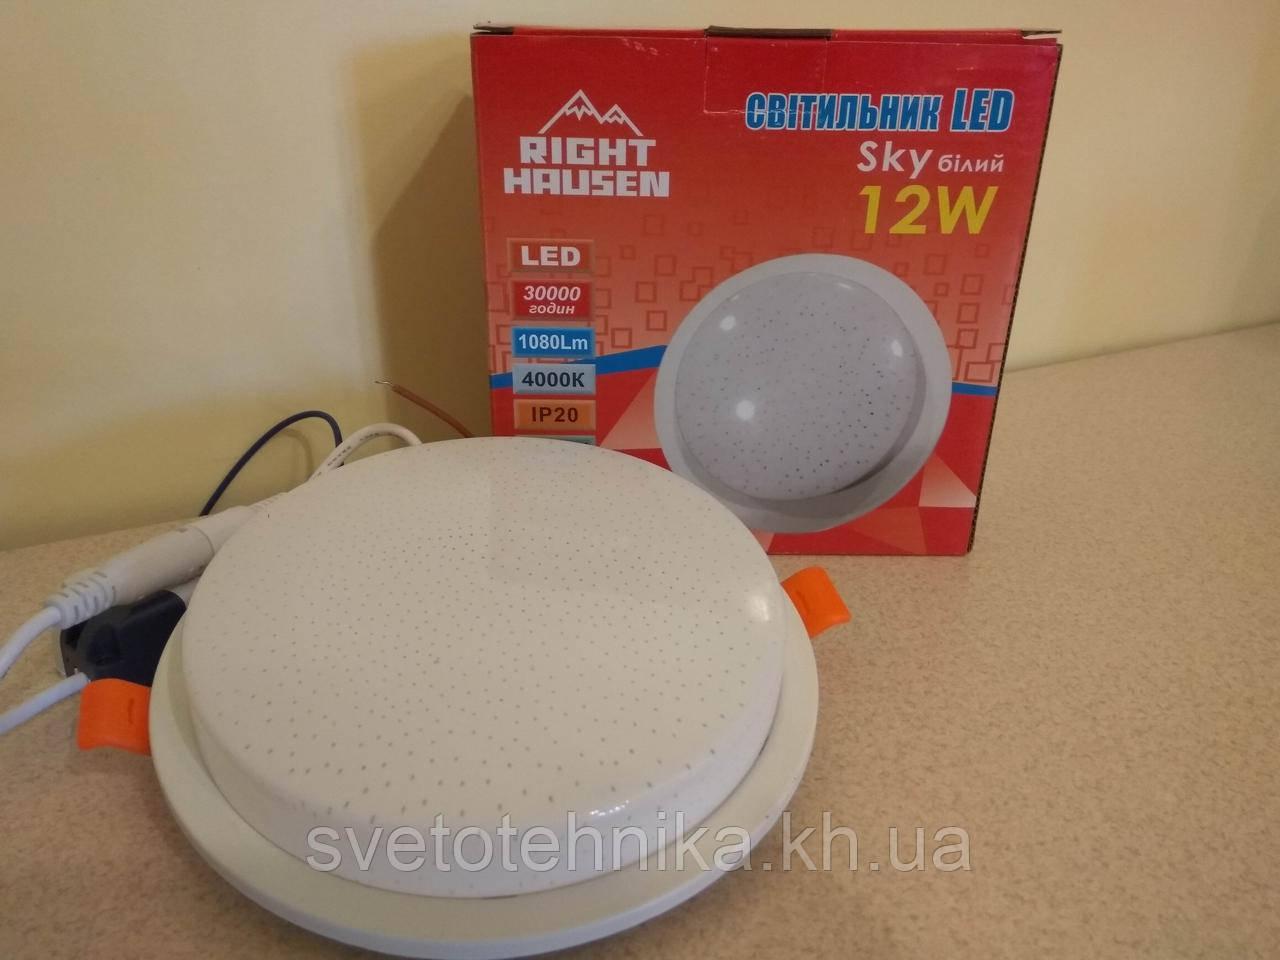 Светодиодный светильник встраиваемый(даунлайт) с эффектом сияния Right Hausen Sky 12W белый 4000К